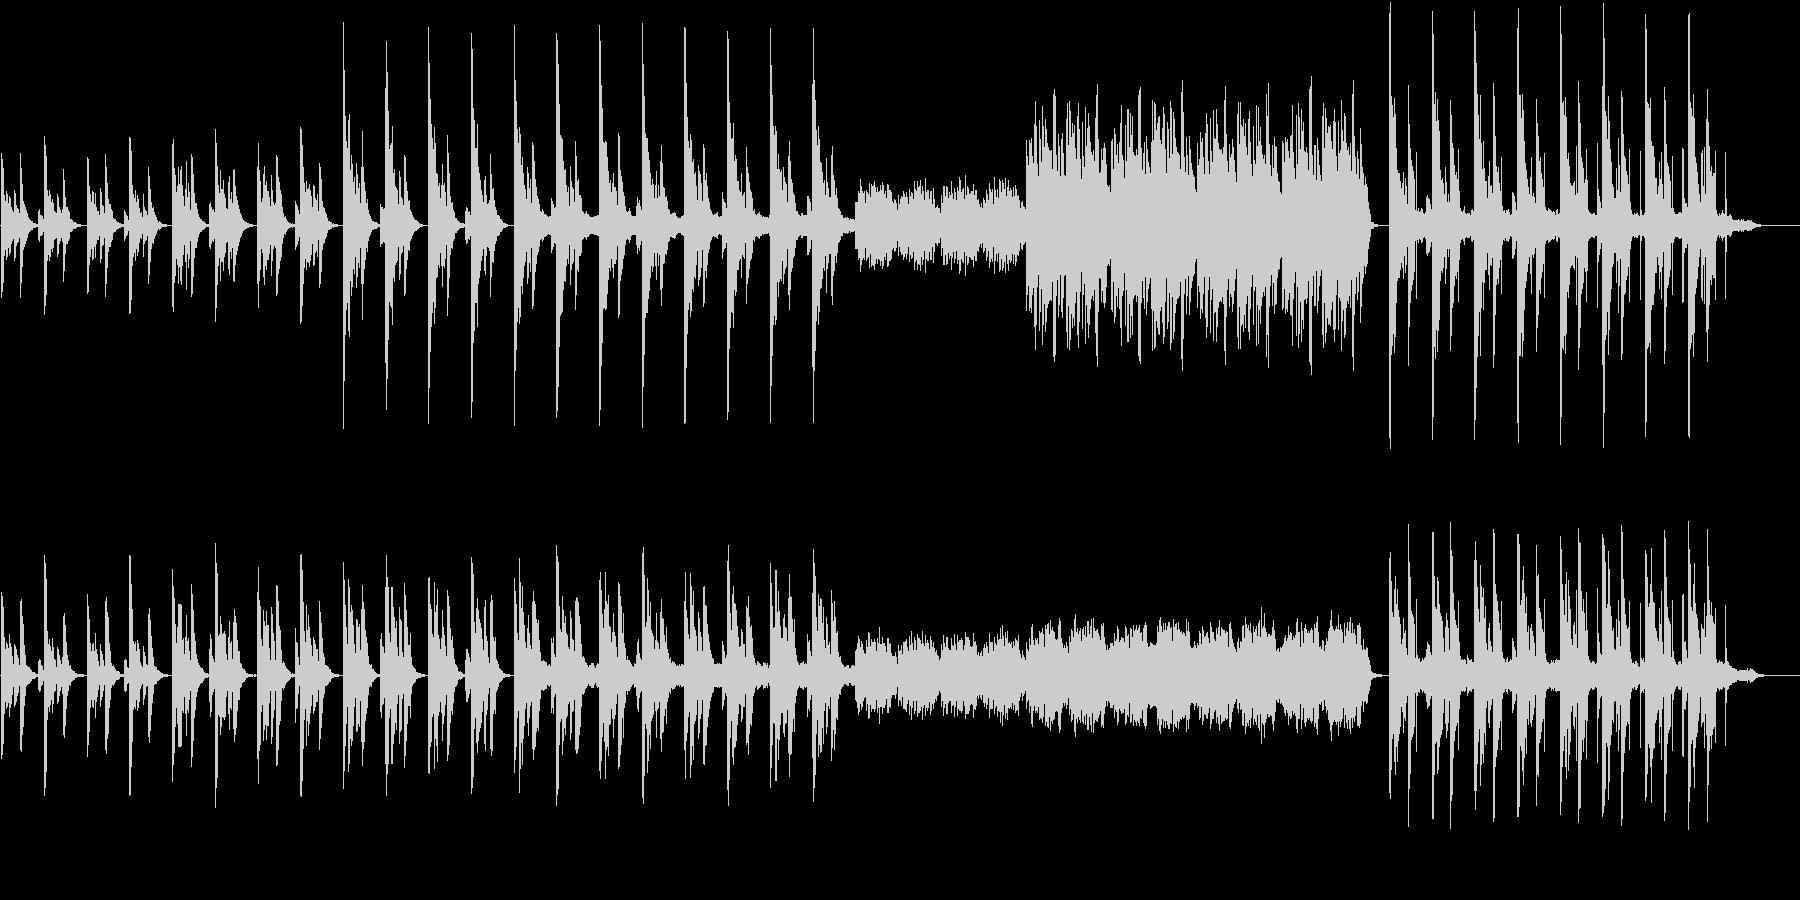 琴の音色でメロディーインストの未再生の波形